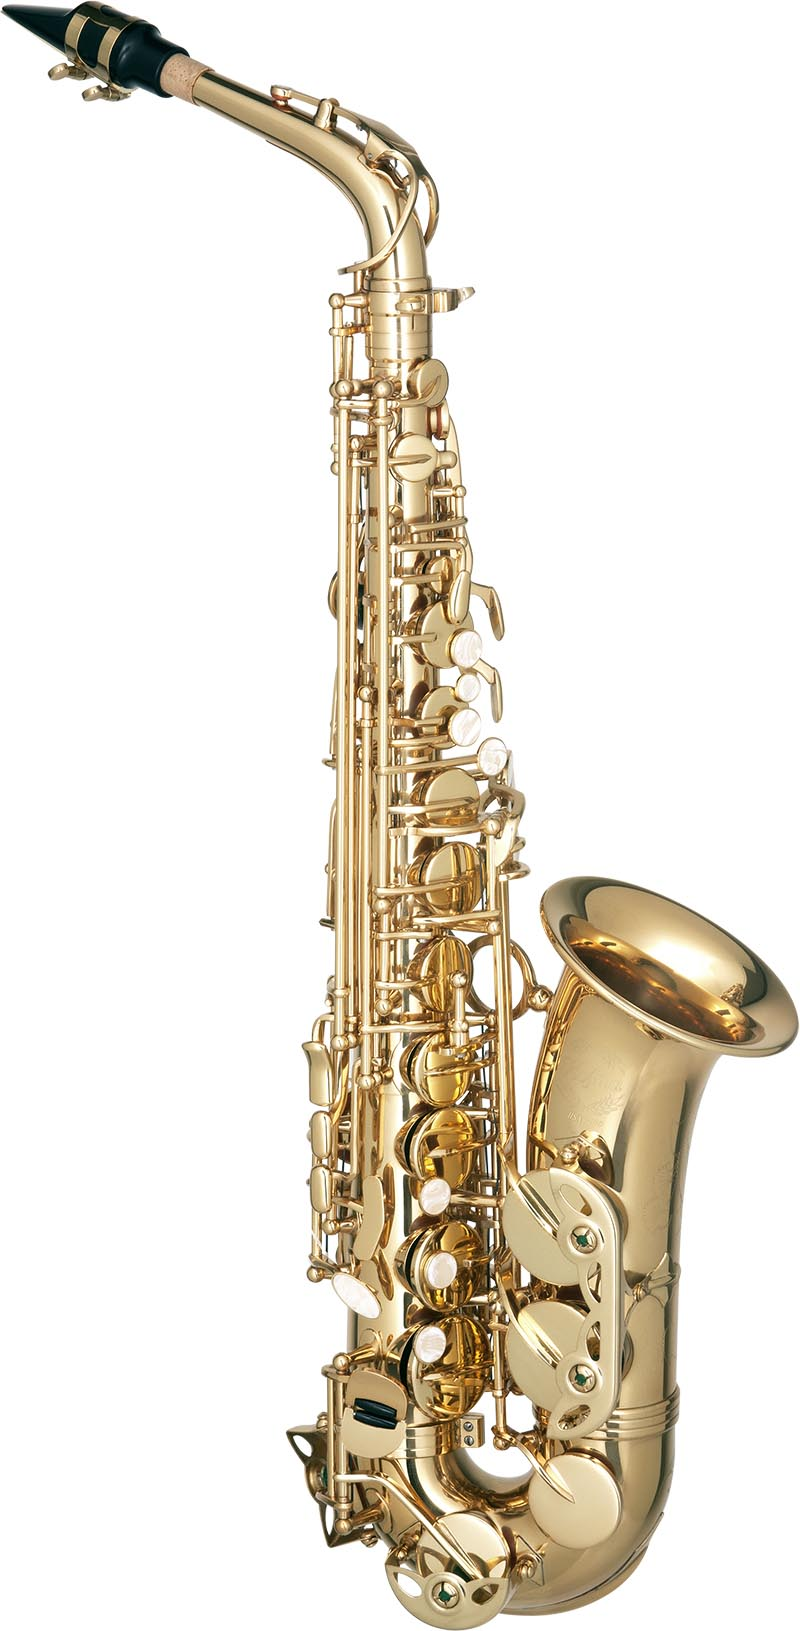 hsa400 saxofone alto hofma hsa400 glq laqueado dourado